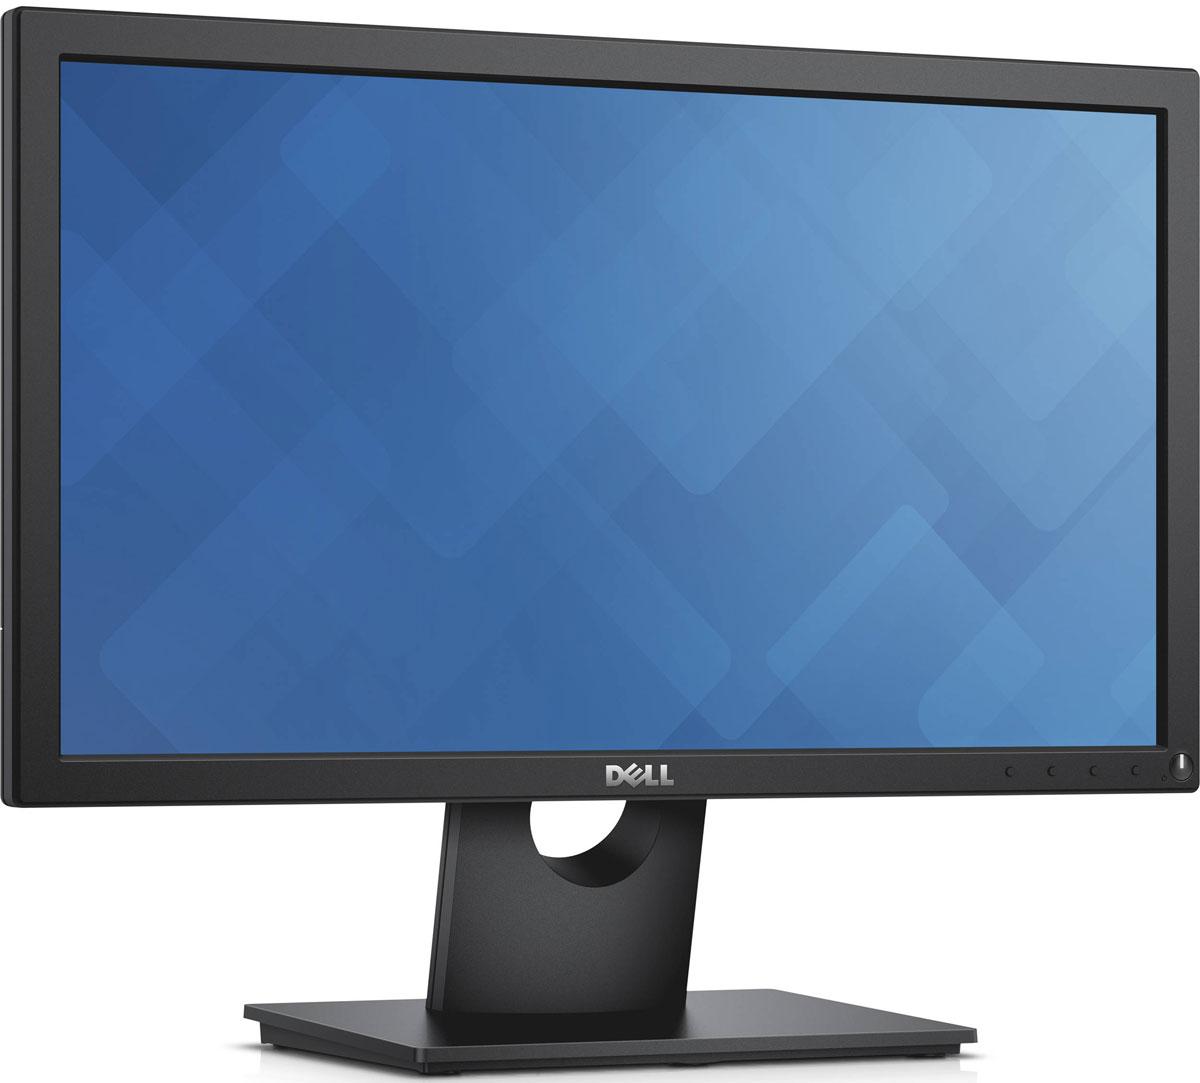 Dell E2016H, Black монитор016H-1934Надежный недорогой 20-дюймовый монитор с базовыми функциями, которые соответствуют повседневным офисным задачам.Основные функциональные возможности. Дисплей с разрешением высокой четкости и возможностью просмотра под разными углами, совместимый с креплениями VESA, с различными вариантами наклона, разъемами VGA и DisplayPort. Надежная производительность. Соответствие высоким стандартам тестирования качества с трехлетней гарантией и сервисным обслуживанием для высокой производительности в долгосрочной перспективе. Экологически безопасная конструкция. Экономия энергии благодаря компонентам с эффективным энергопотреблением.Характеристики экрана: 20-дюймовый экран с разрешением высокой четкости (1600 x 900), поддерживающий 16,7 миллиона цветов, с цветовым охватом 85%1 и углом просмотра в горизонтальной/вертикальной плоскости 170°/160°, превосходно подходит для работы с офисными приложениями, составления электронных таблиц и многого другого. Простое подключение к компьютеру: совместим с компьютерами как прошлого, так и текущего поколения благодаря наличию разъемов VGA и DisplayPort.Опциональный крепеж: избавьтесь от беспорядка на рабочем столе, установив монитор, соответствующий требованиям стандарта VESA, на стене или кронштейне для одного монитора Dell. Регулировка наклона в соответствии с вашими предпочтениями: удобство в работе благодаря возможности наклона монитора до 5° вперед и до 21° назад. Удобные средства управления: легкодоступные кнопки для управления питанием, яркостью, контрастностью и настройки предустановленных режимов на передней панели монитора.Сокращение воздействия на окружающую среду: 20-дюймовый монитор Dell поддерживает технологию PowerNap, которая уменьшает яркость неиспользуемого монитора или переводит его в спящий режим. Это монитор также соответствует требованиям новейших нормативных требований и экологических стандартов.Экологически безопасные материалы: в конструкции нового монитора Dell используется стекло, 